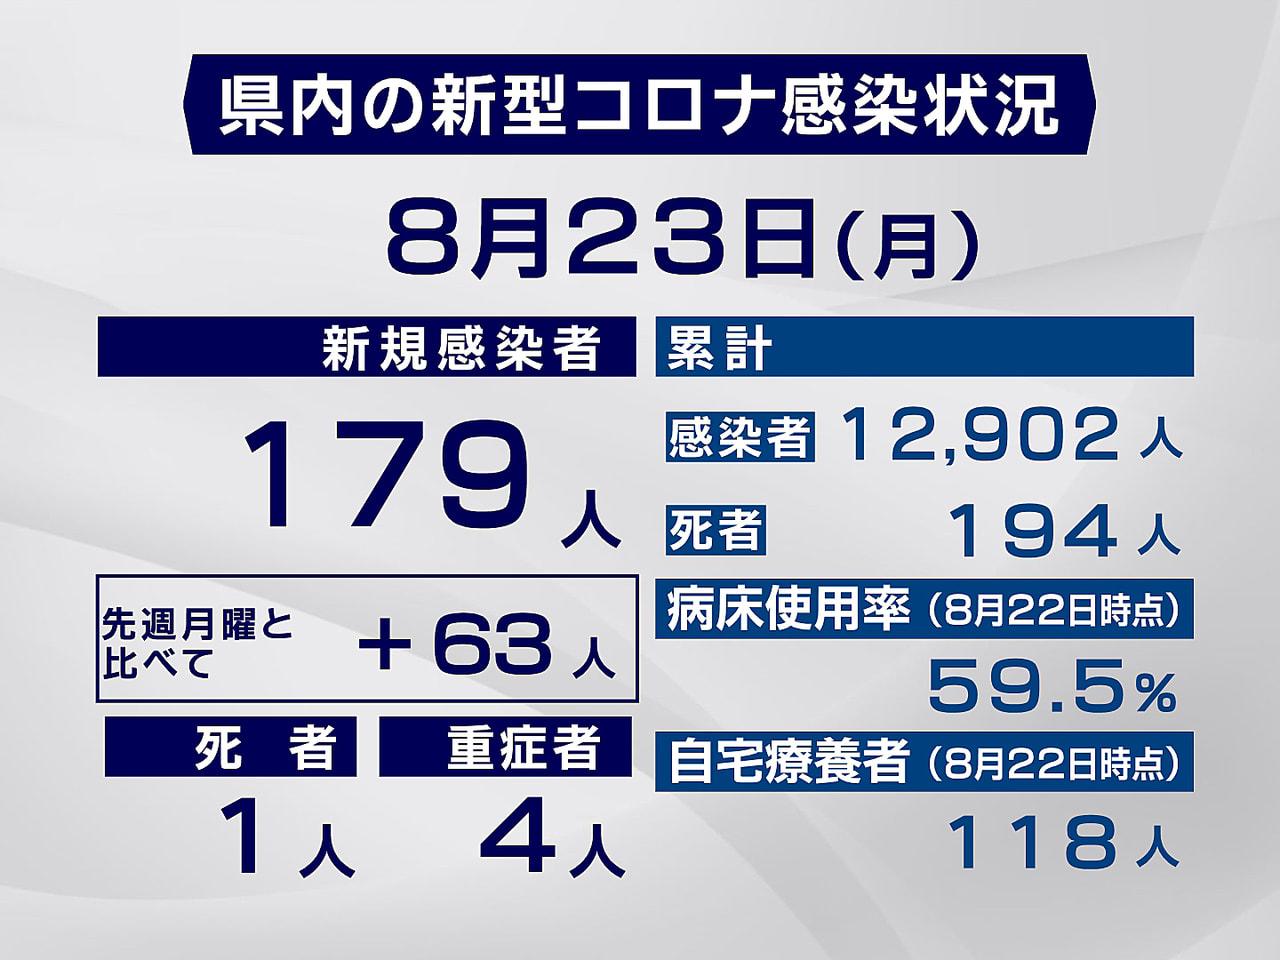 岐阜県と岐阜市は23日、新型コロナウイルスの感染者が月曜日としては過去最多の17...